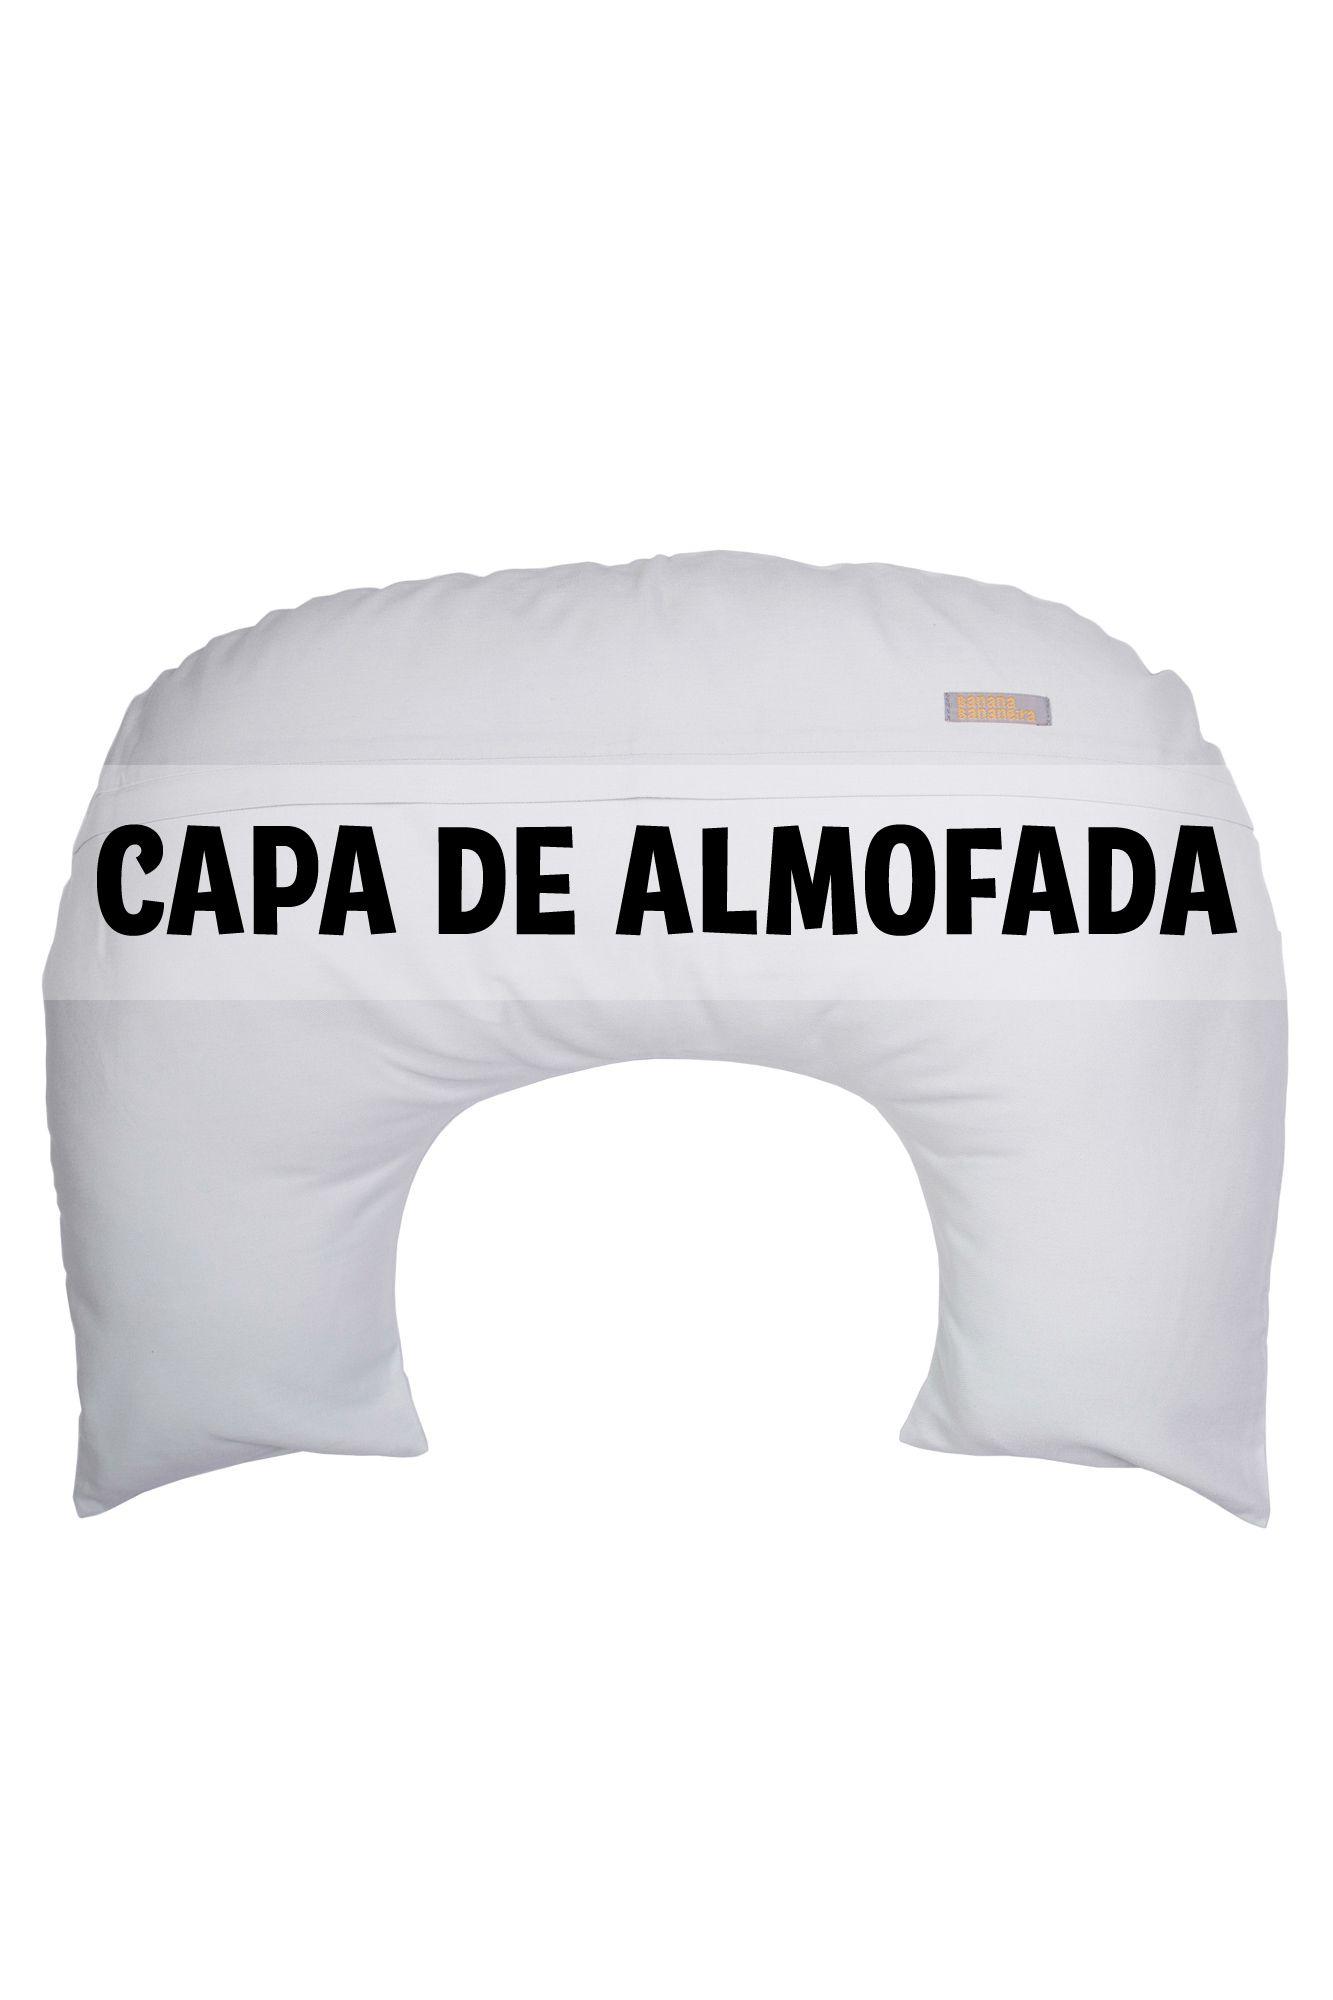 Capa de almofada de amamentação azul claro